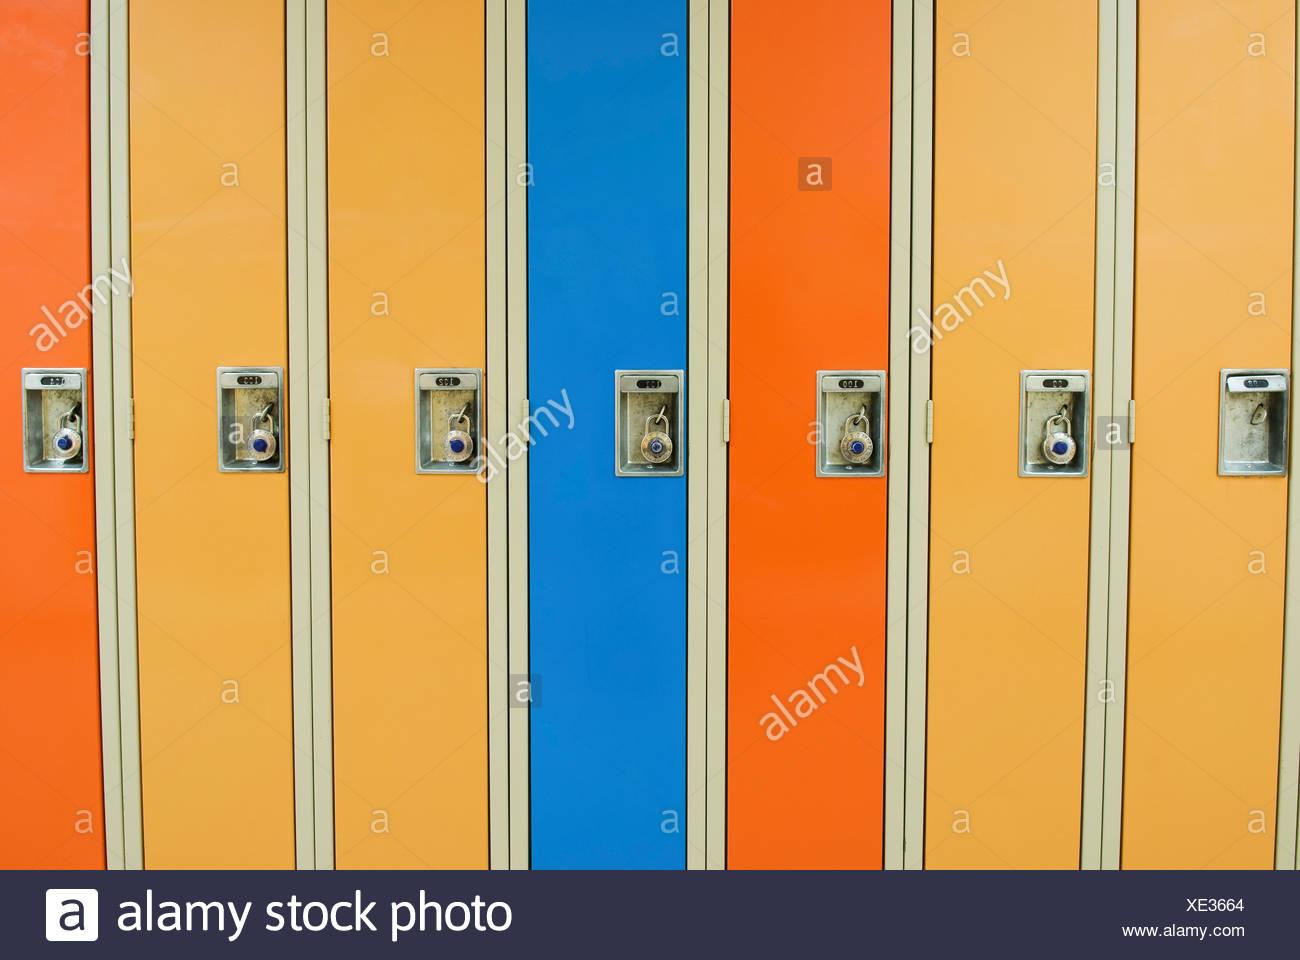 Armadio Ufficio Con Chiavi : Armadi con serratura armadietti con chiusura chiave casamia idea